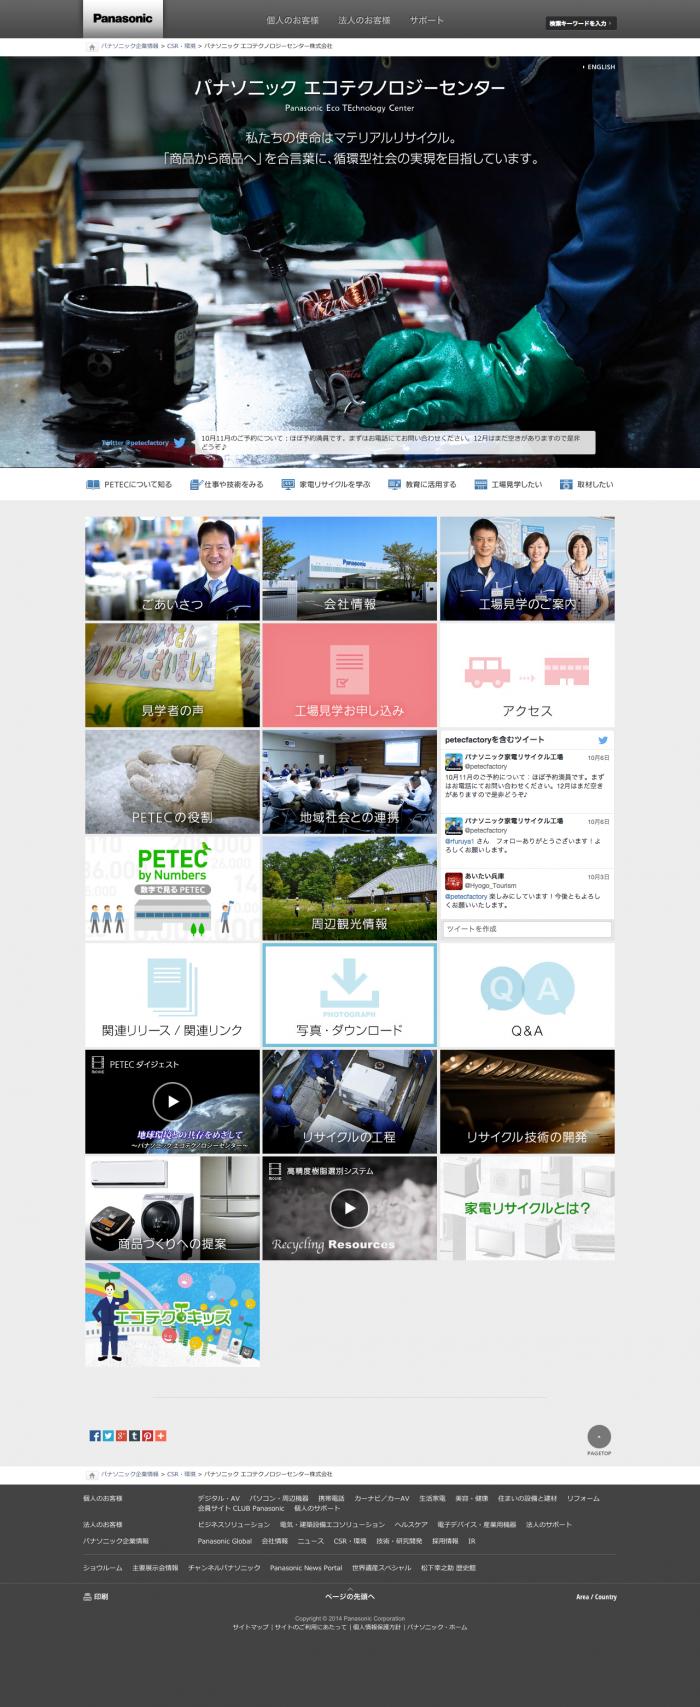 パナソニック エコテクノロジーセンター(PETEC)   Panasonic